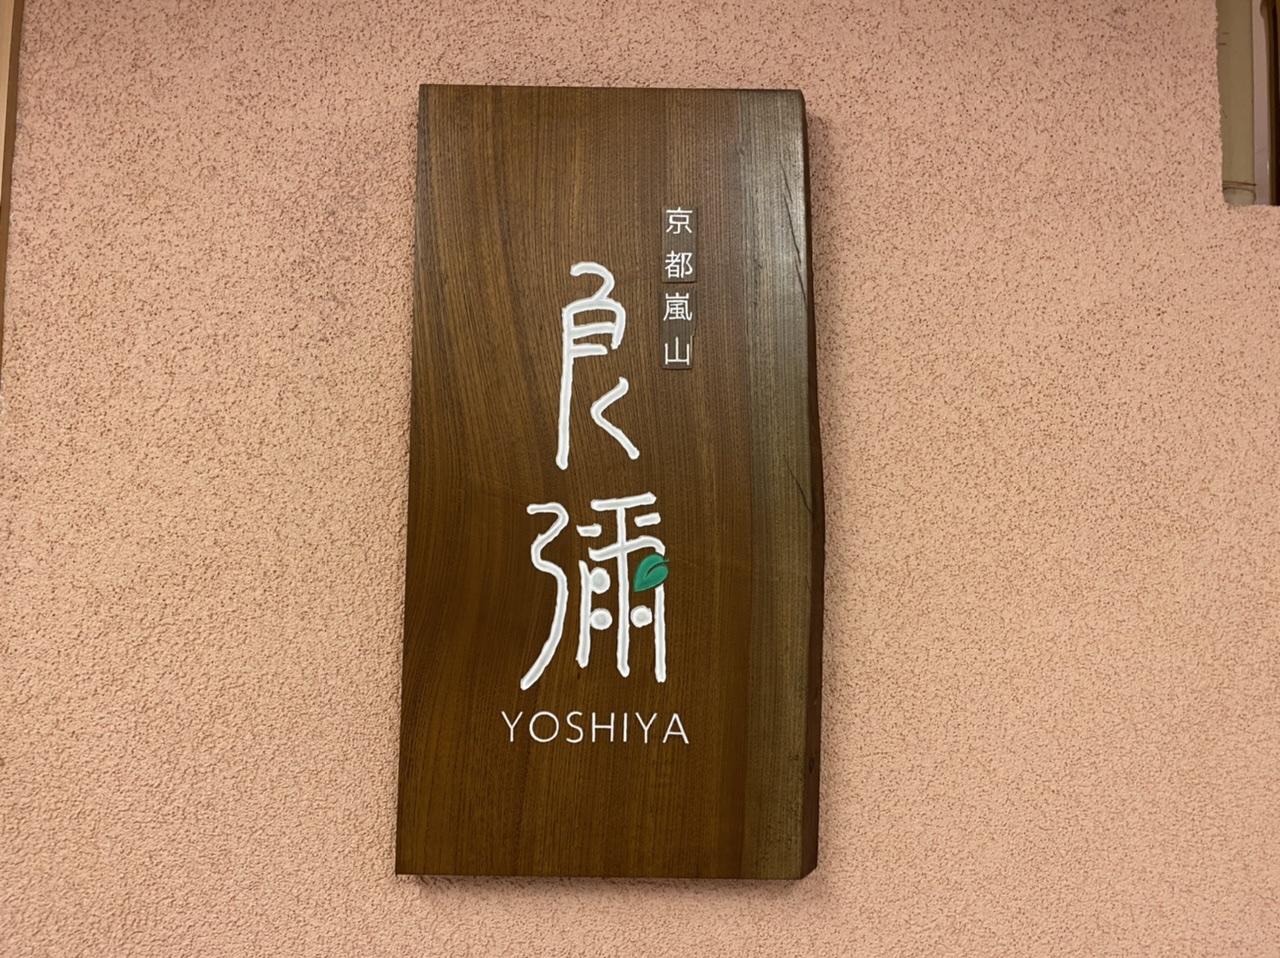 【新宿ランチ】まるで京都にいるみたい!京都嵐山《良彌》の絶品ランチを実食♡_5